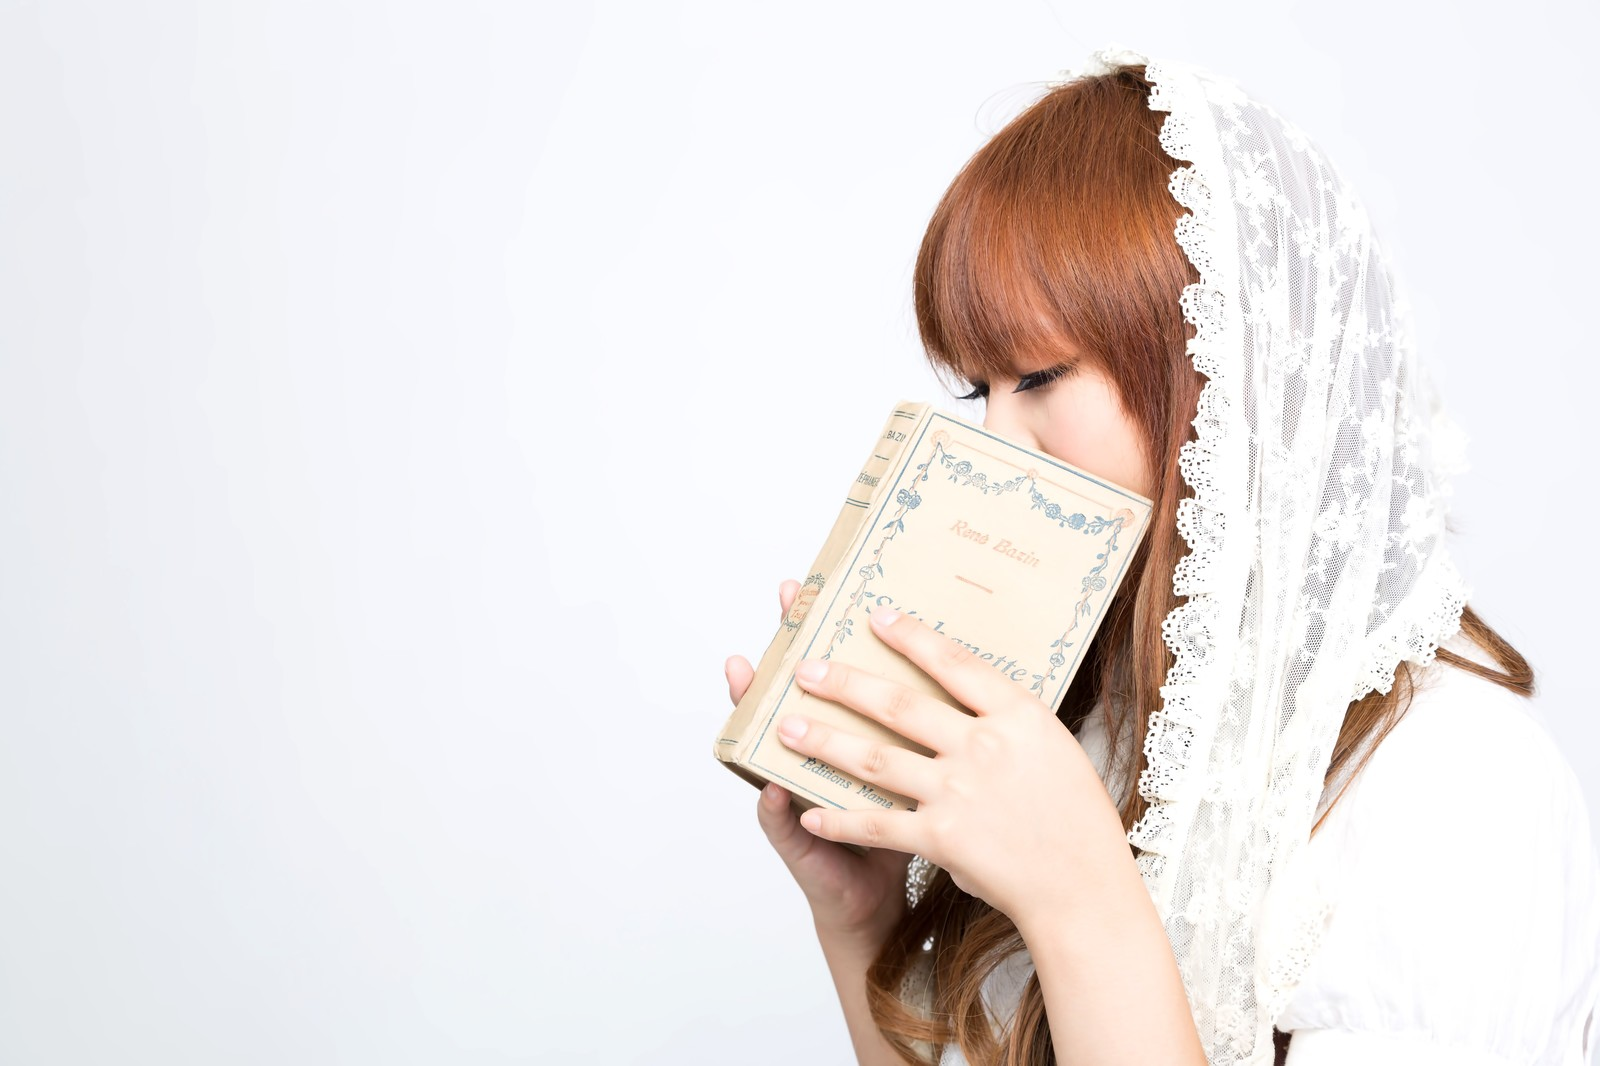 「洋書で口元を隠すガーリーな女の子洋書で口元を隠すガーリーな女の子」[モデル:あみ]のフリー写真素材を拡大